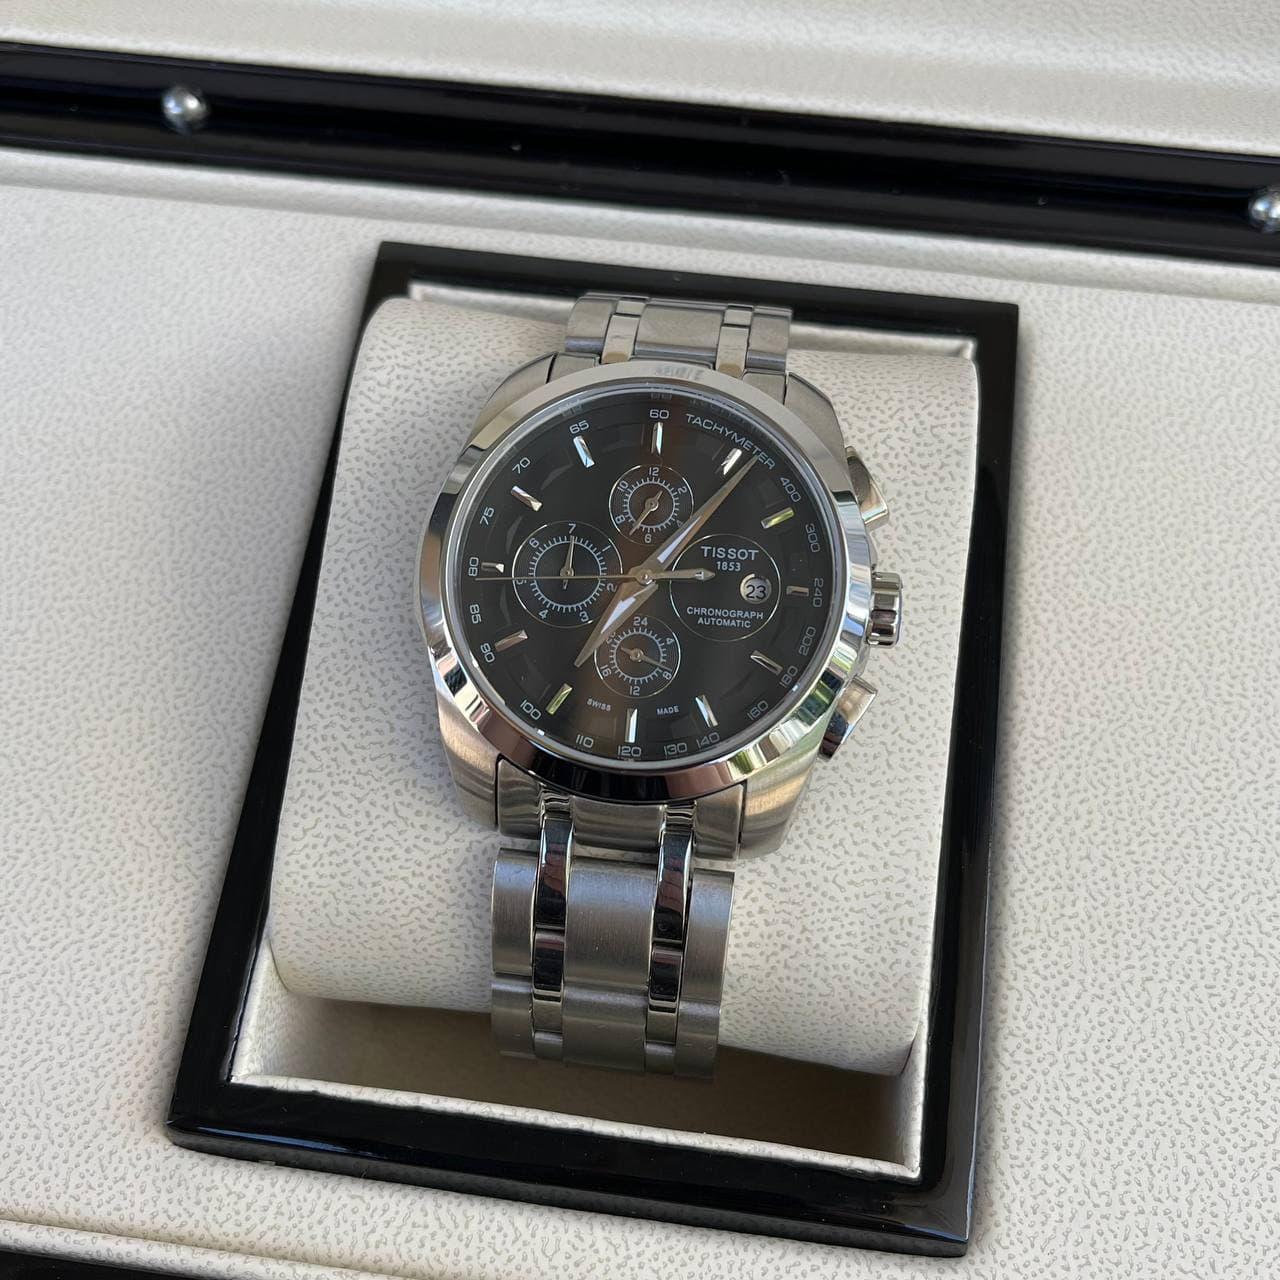 Годинники чоловічі наручні Tissot LT60 Metal Steel Silver-Black Automatic